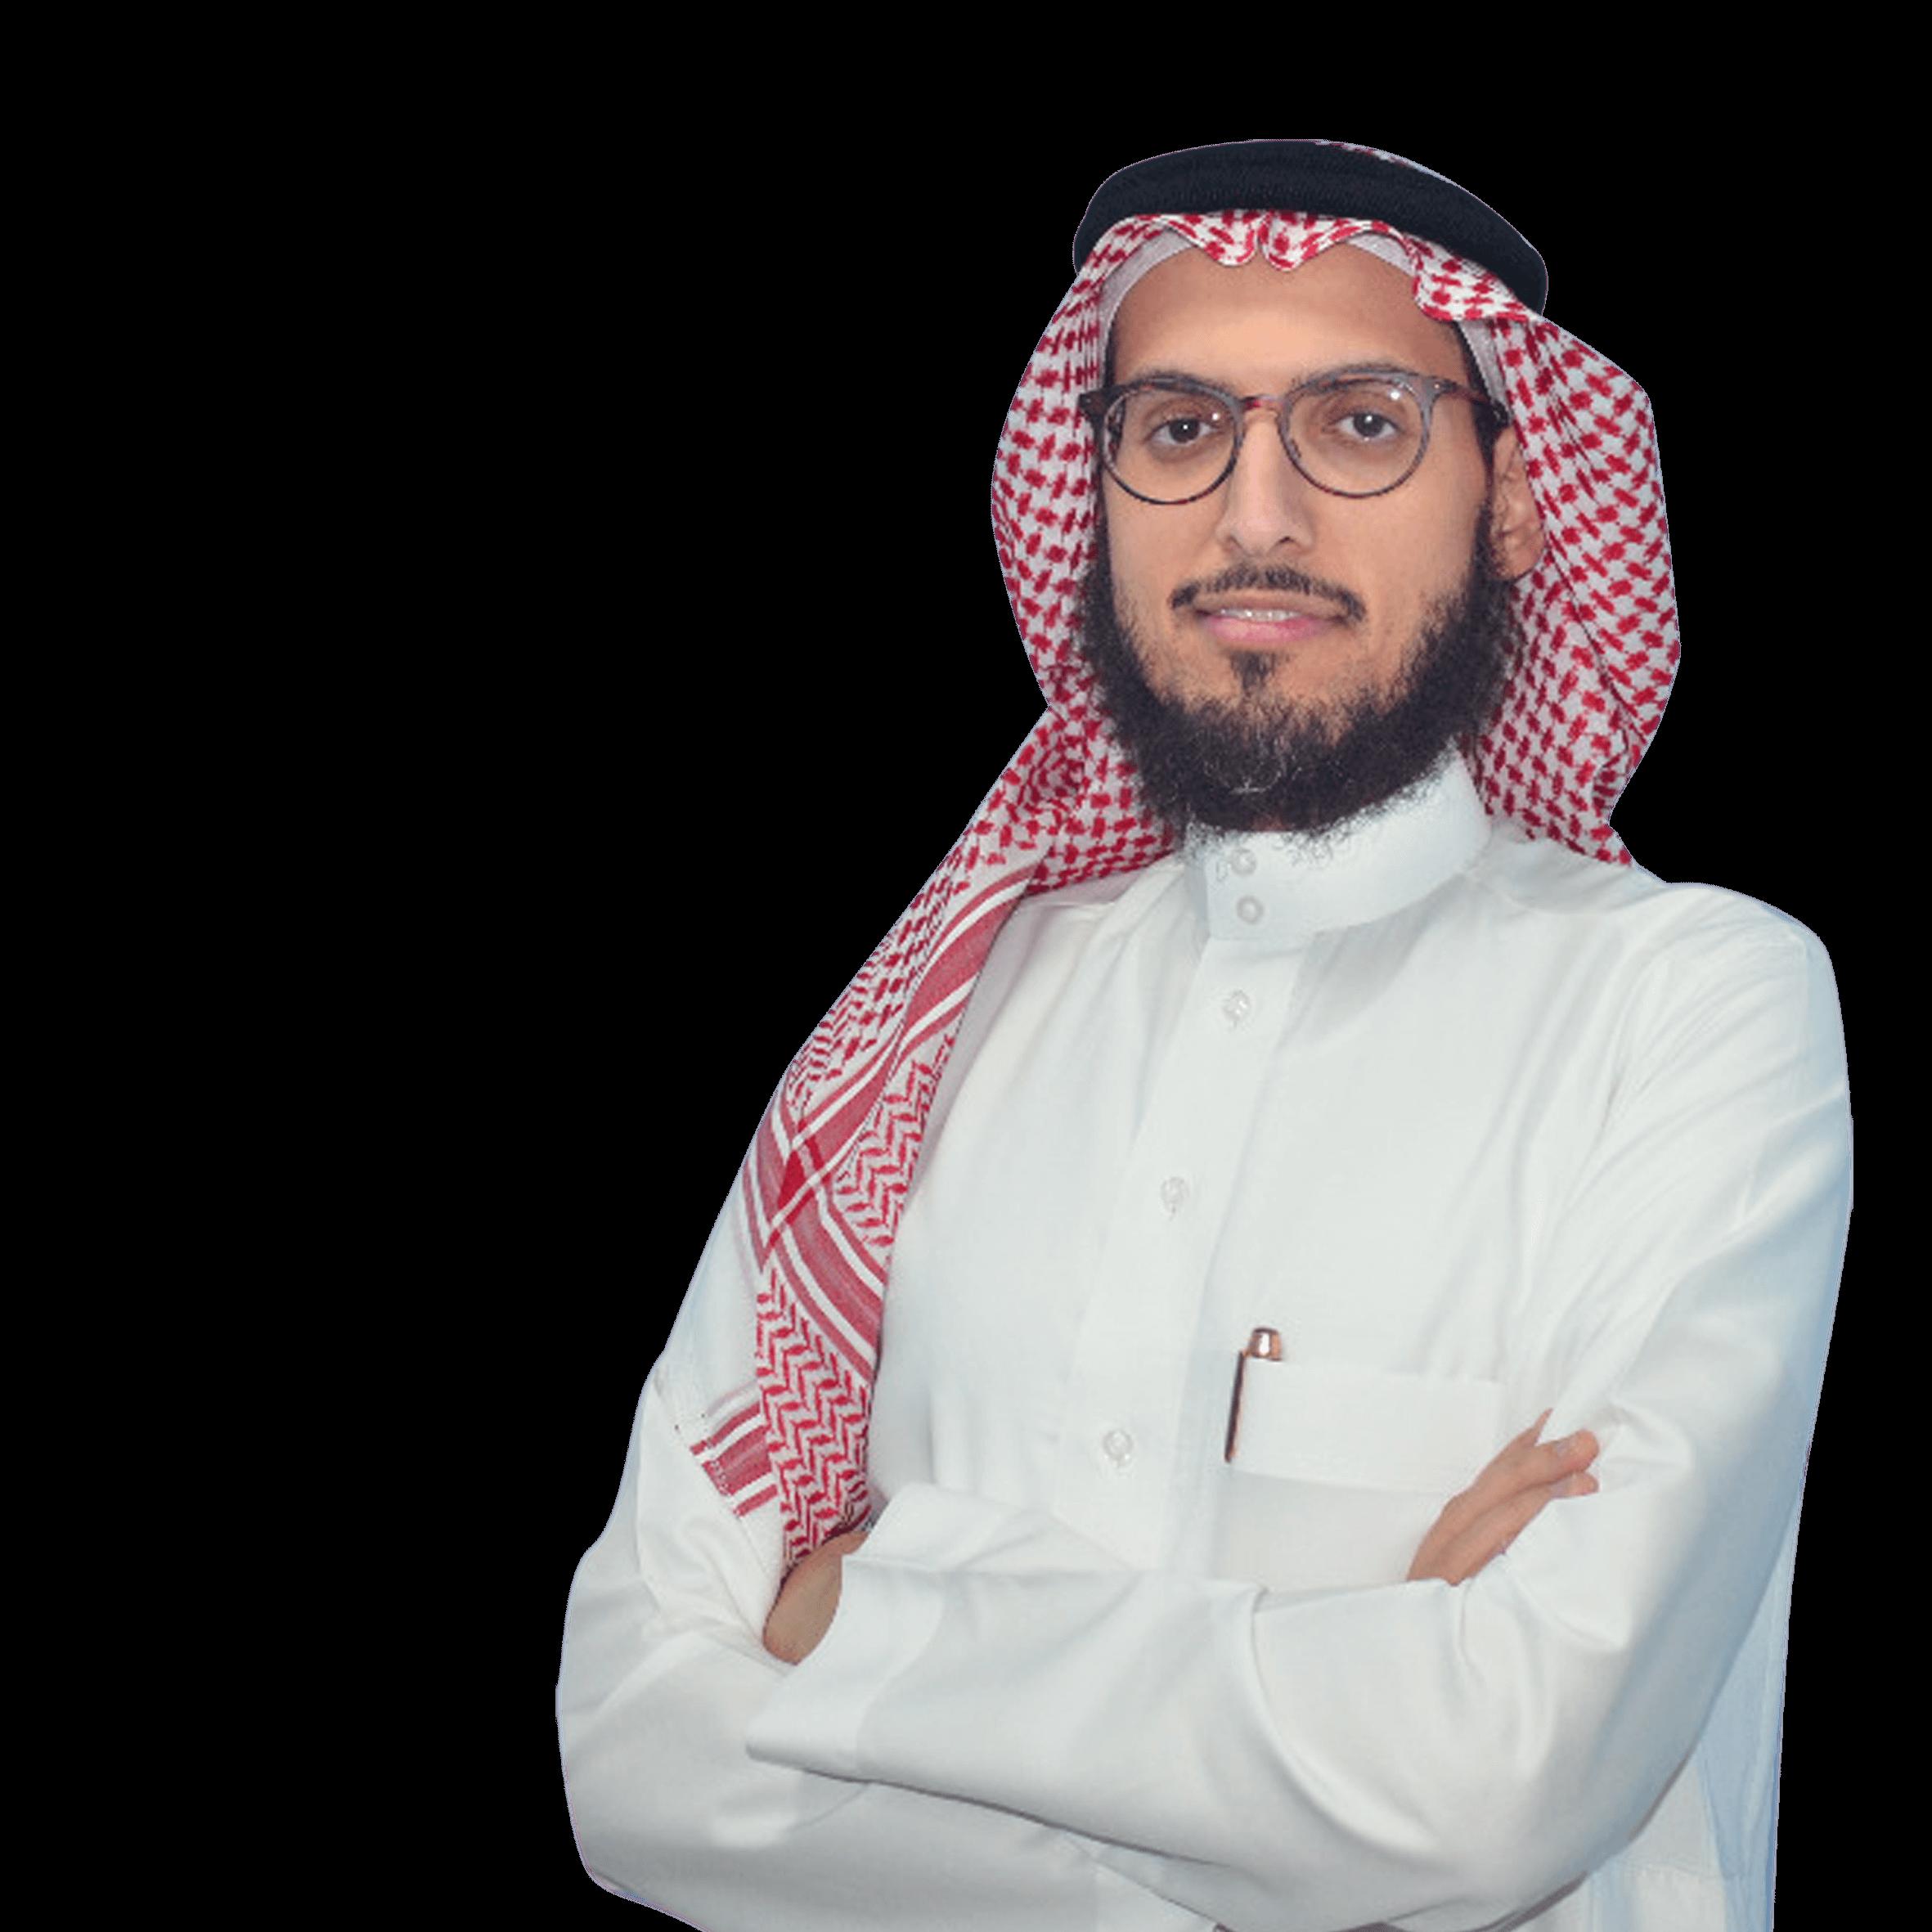 الدكتور / مهدي القرني استشارى جراحة العظام ( الاطفال ) | مستشفى الحياة الوطني | عسير